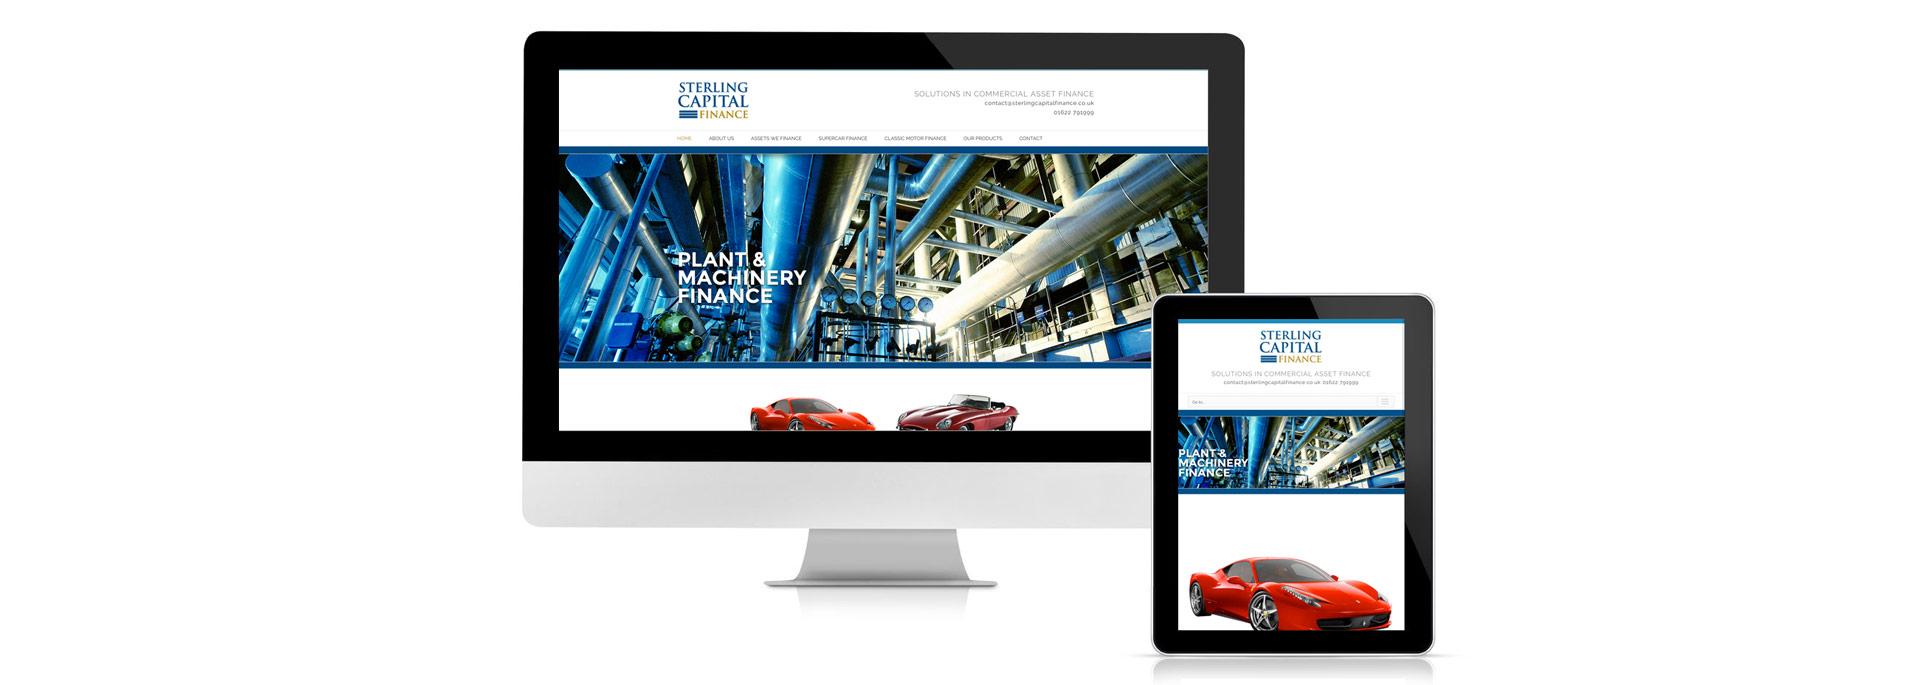 Sterling Capital Finance website design